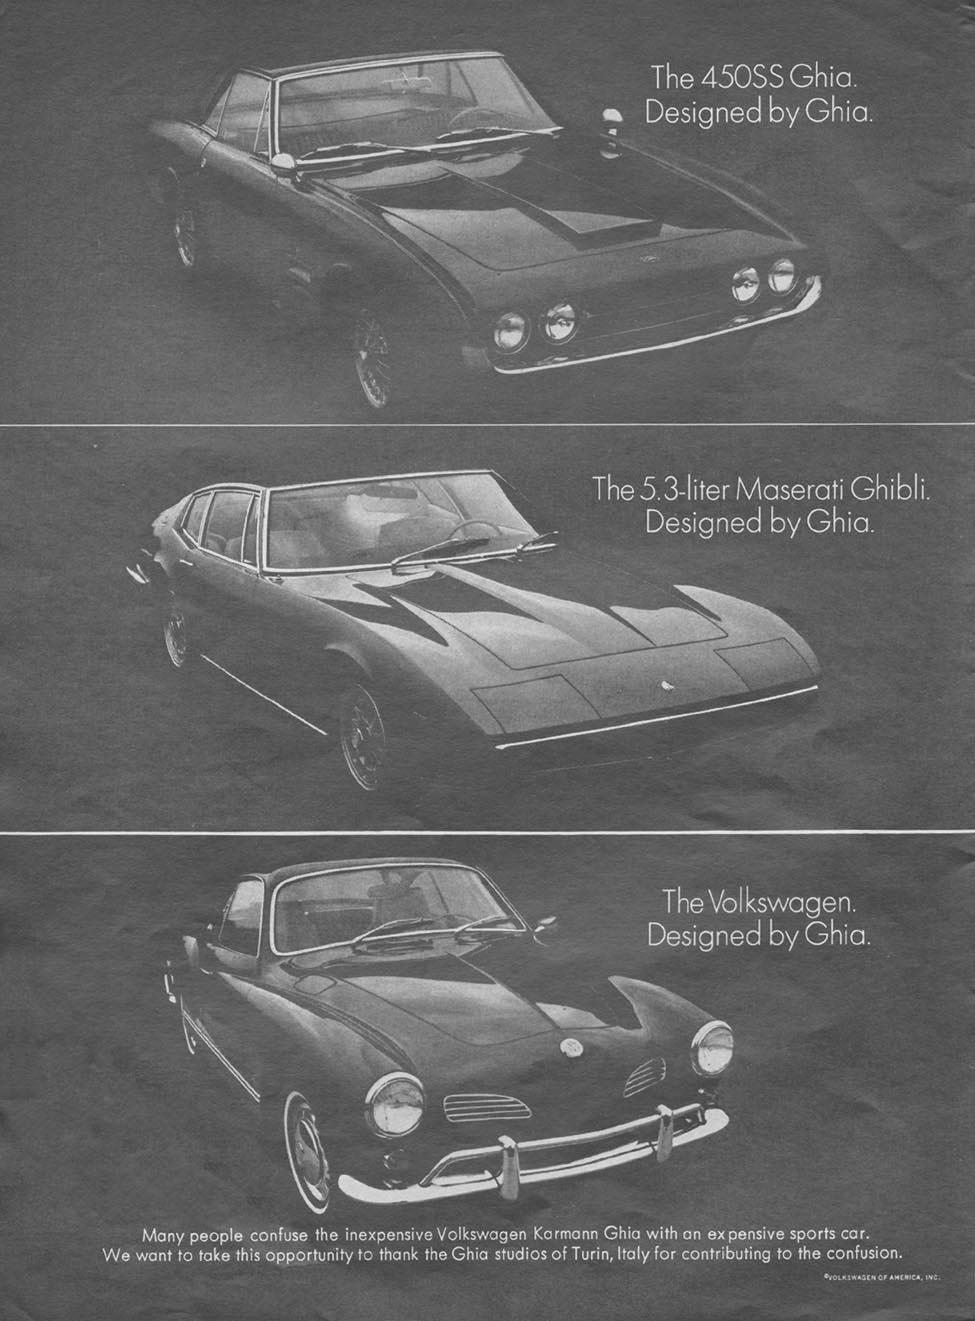 VOLKSWAGEN AUTOMOBILES NEWSWEEK 05/20/1968